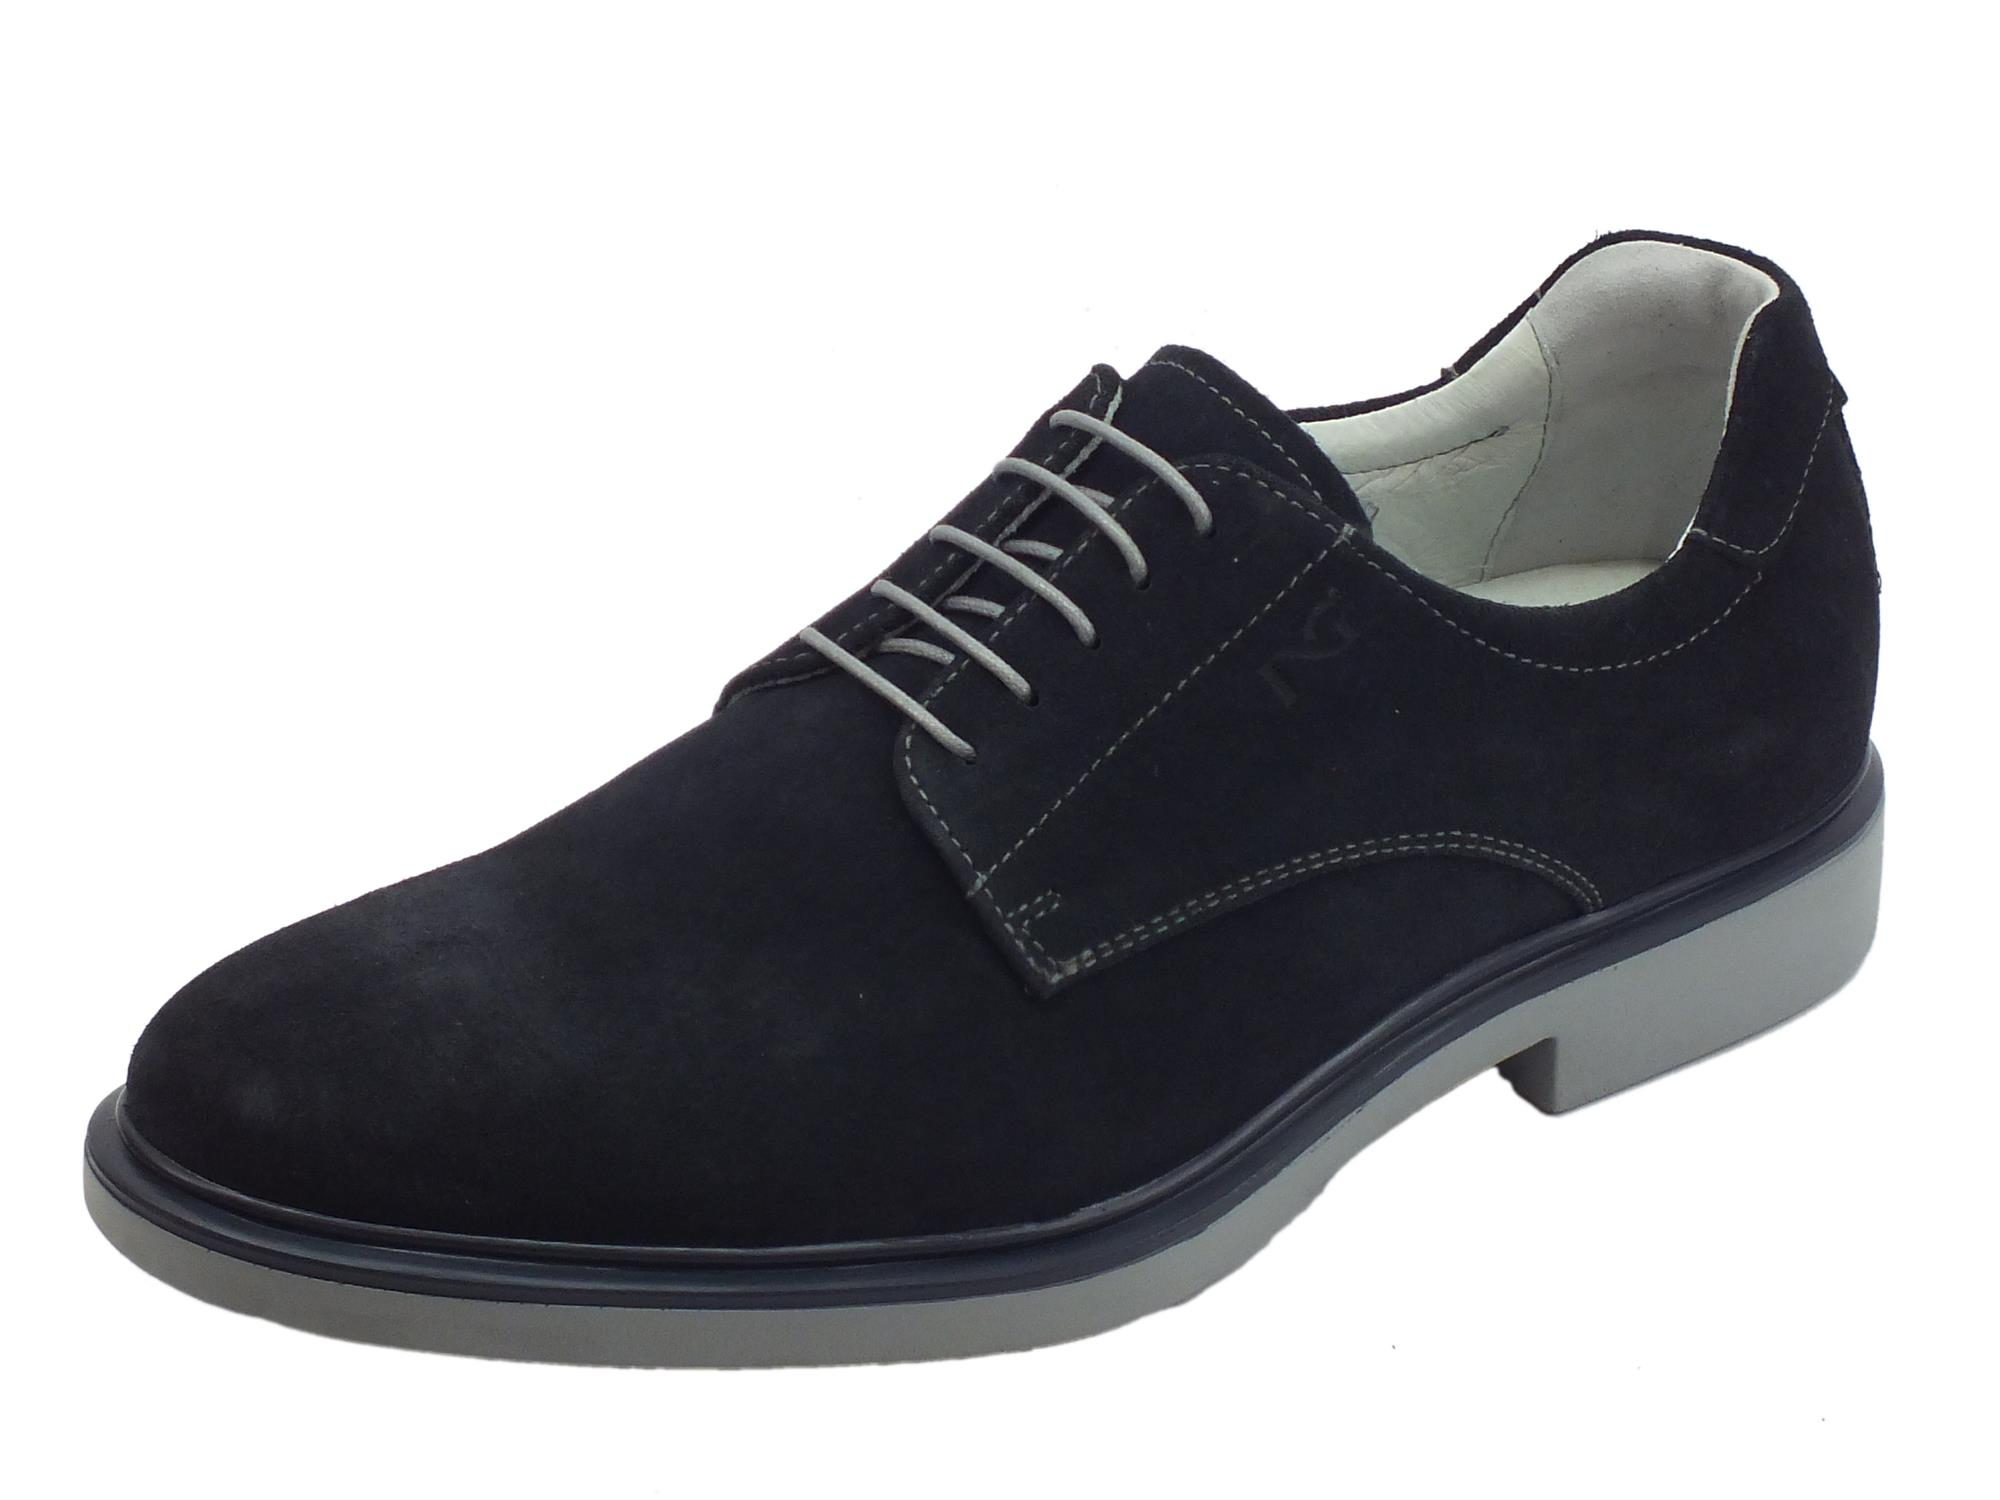 il migliore incontrare scarpe a buon mercato scarpe eleganti